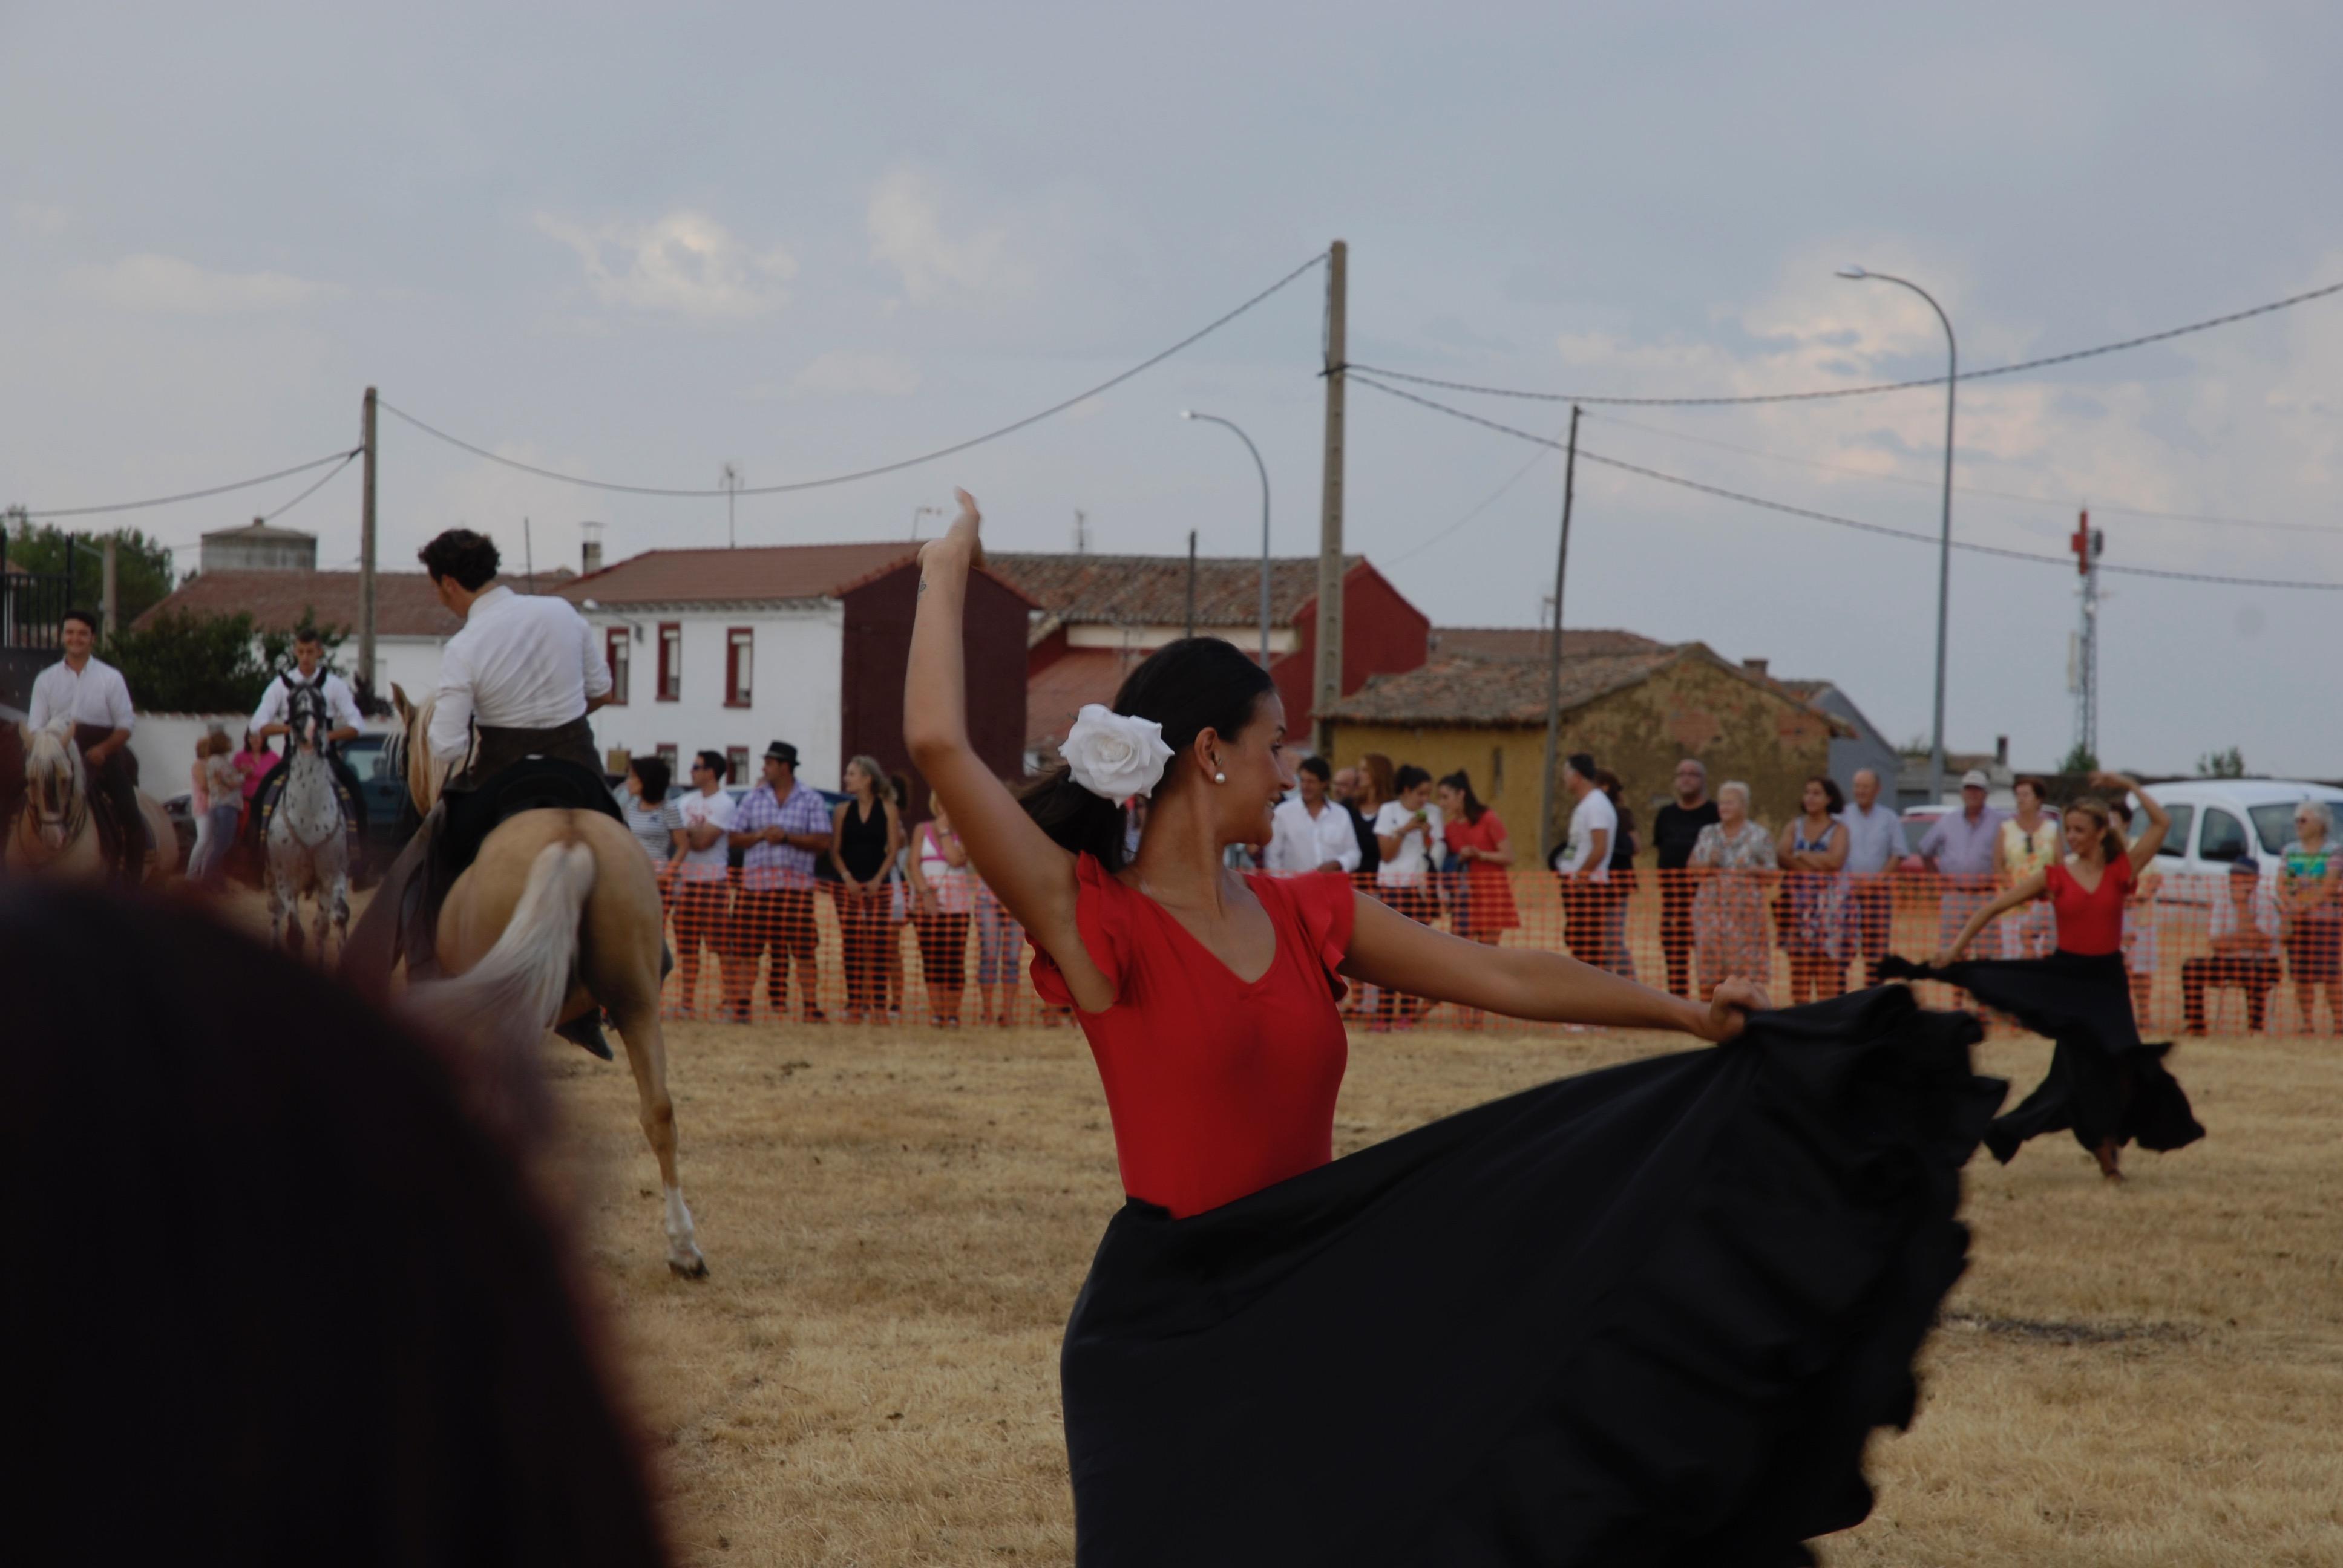 Magos de la equitación 2016 (130)